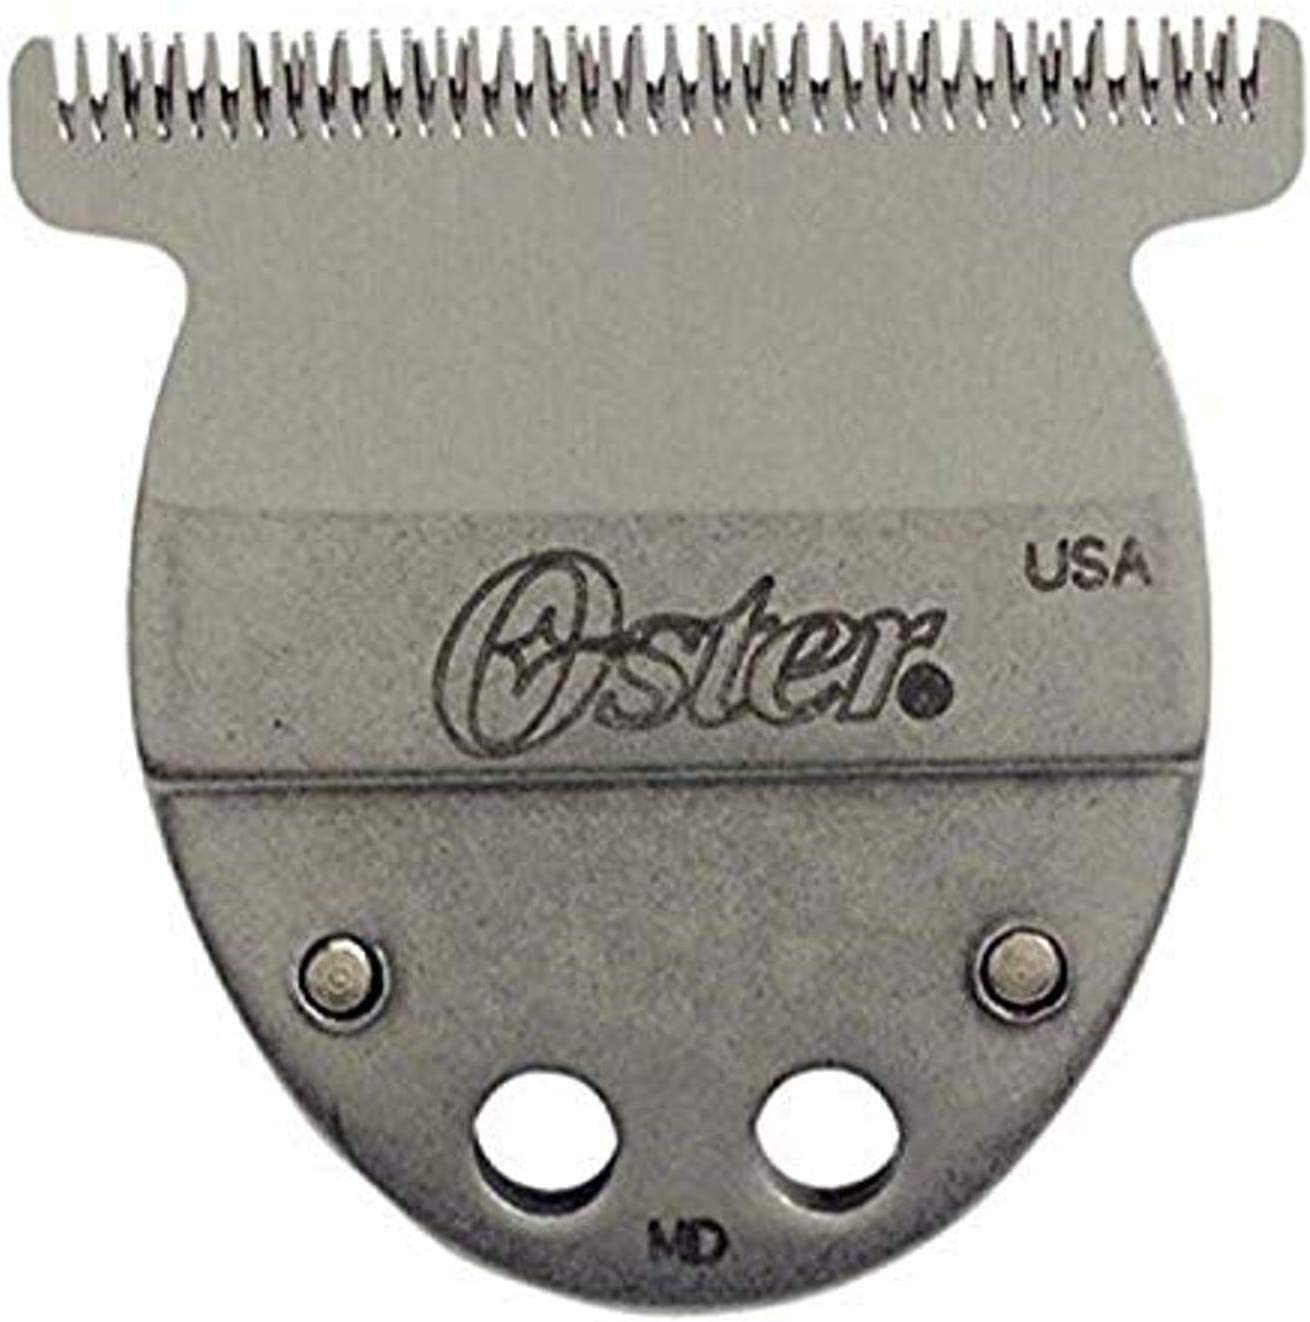 Oster Animal Trimmer Blade, Shaving T-Style for Finisher Trimmer Model 59